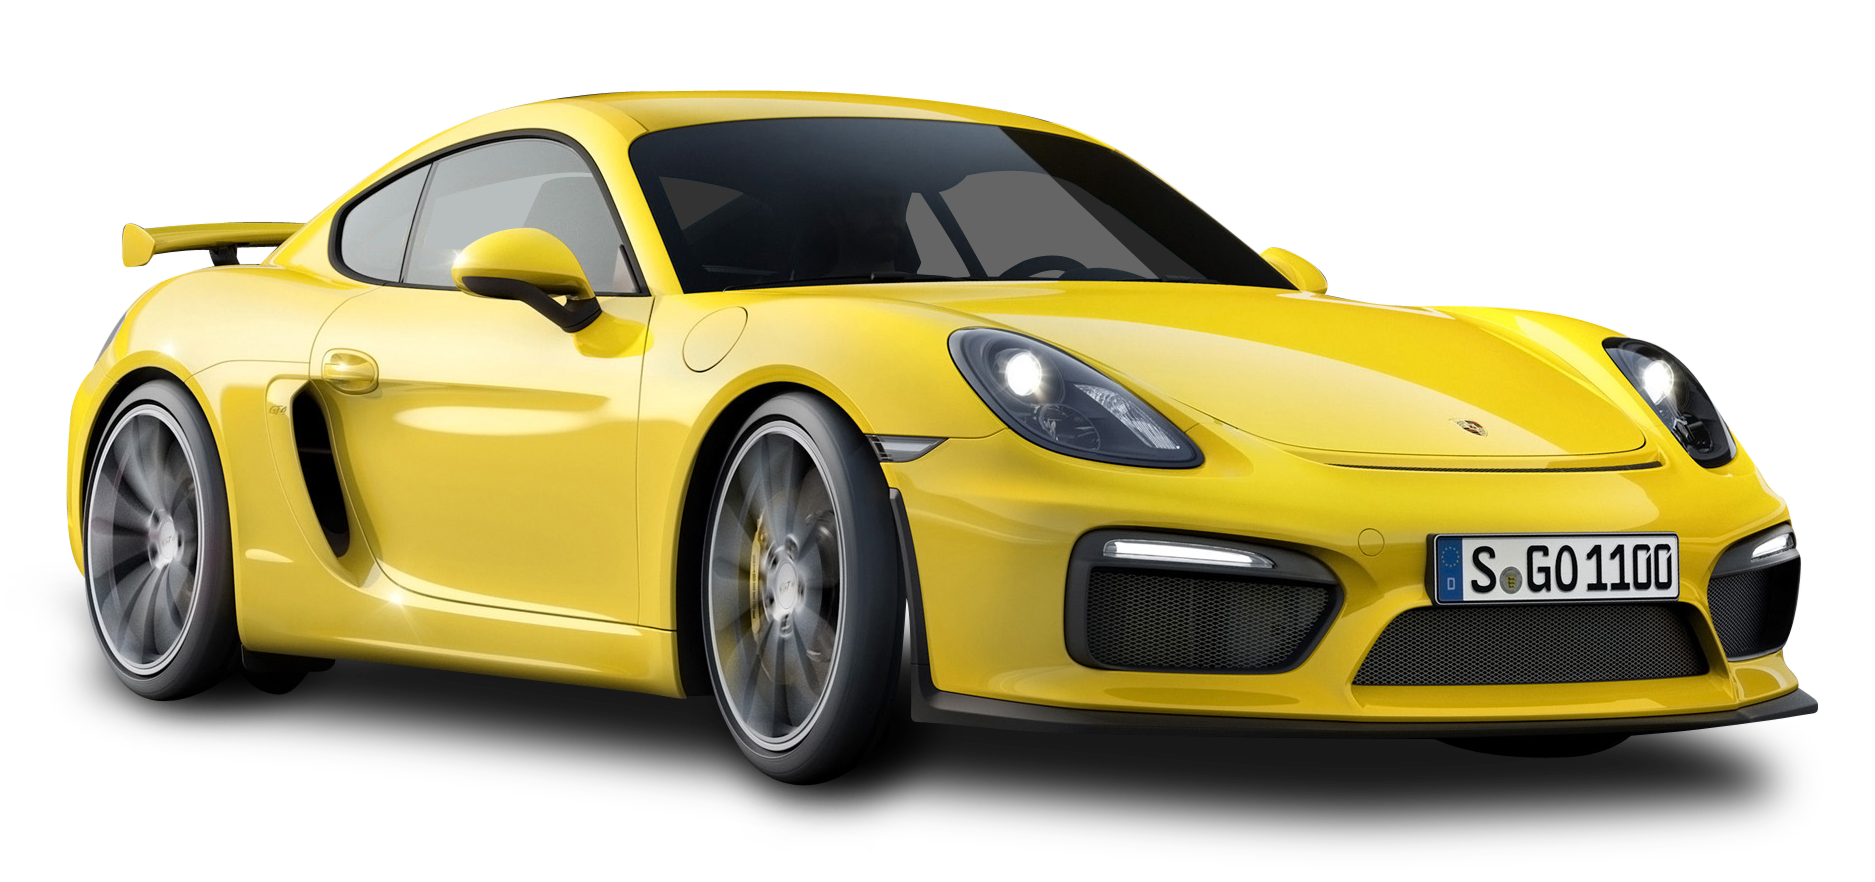 Yellow Porsche Cayman GT4 Car